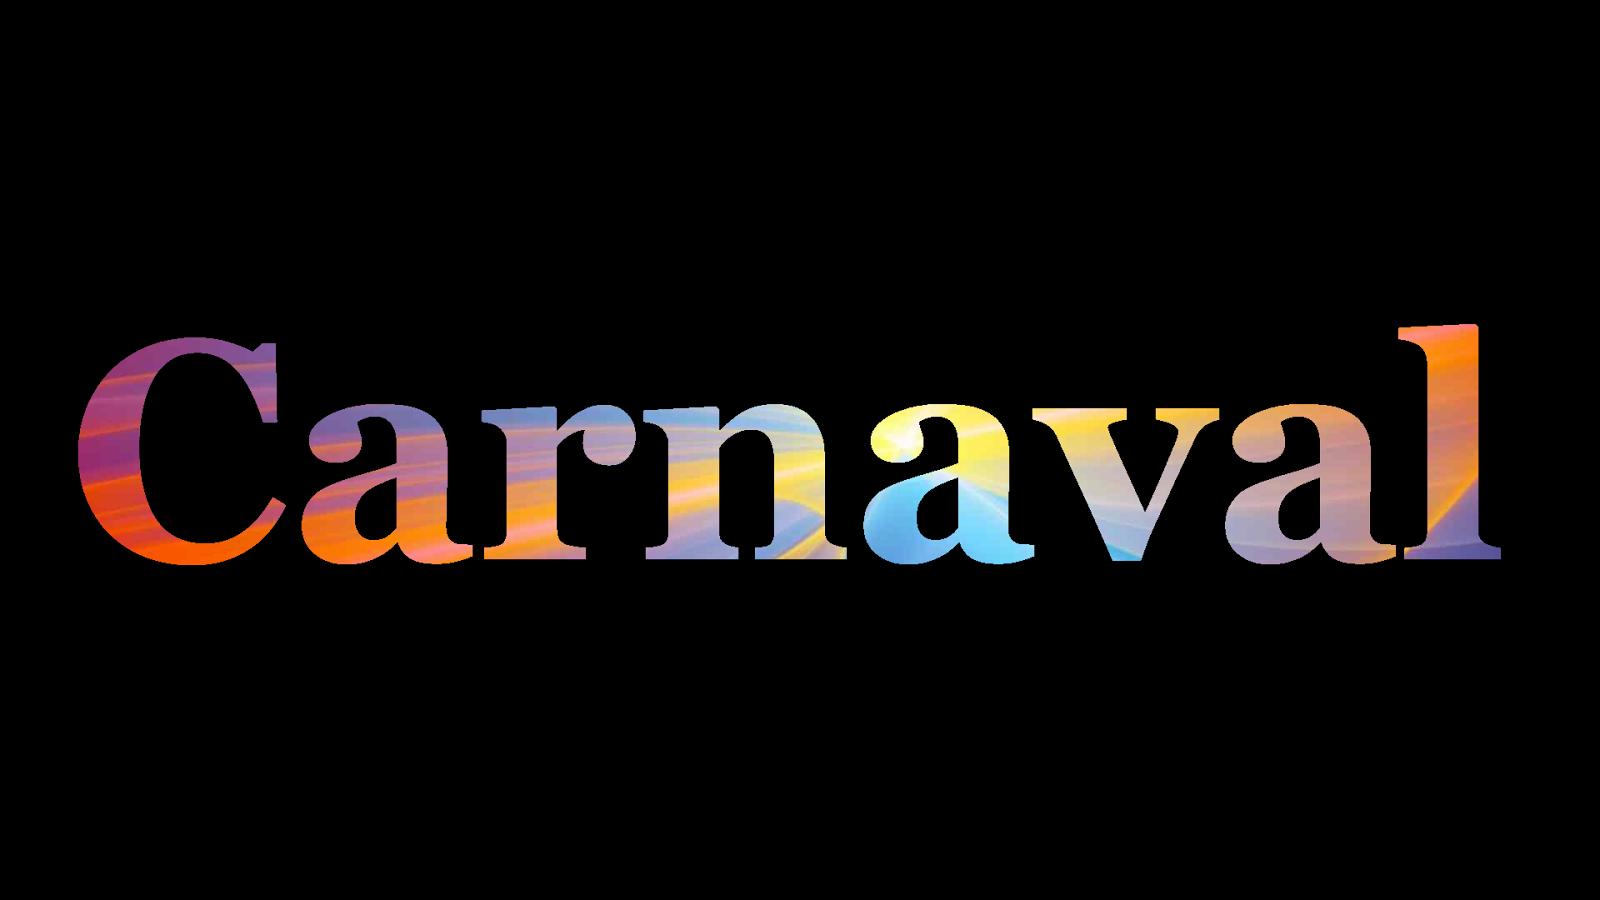 Nome Carnaval 3_fundo preto 1920 x 1080